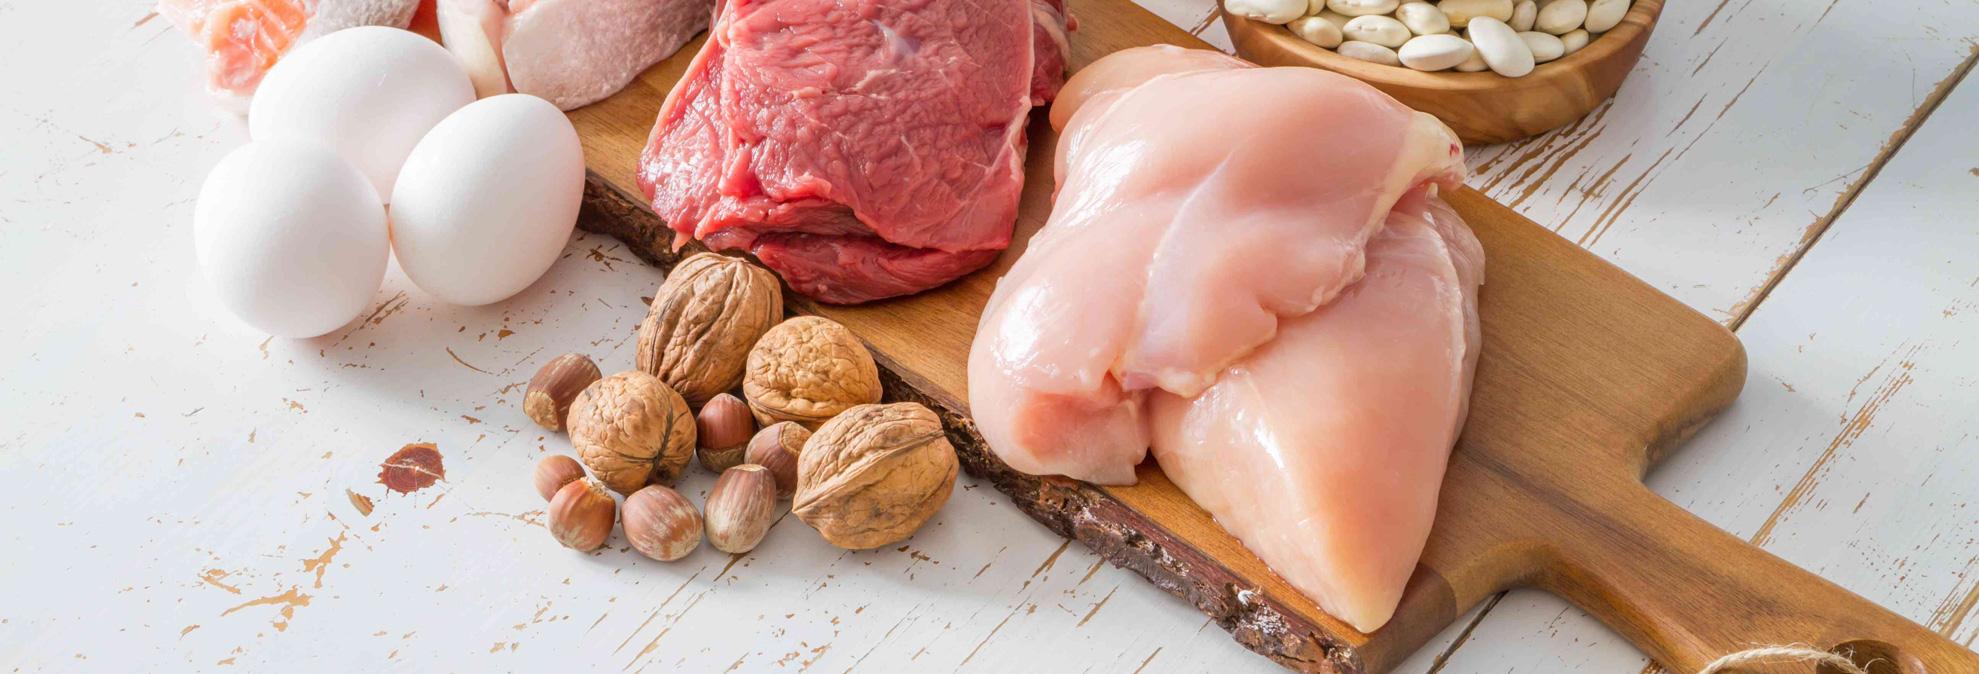 dieta tonno quanti chili in meno